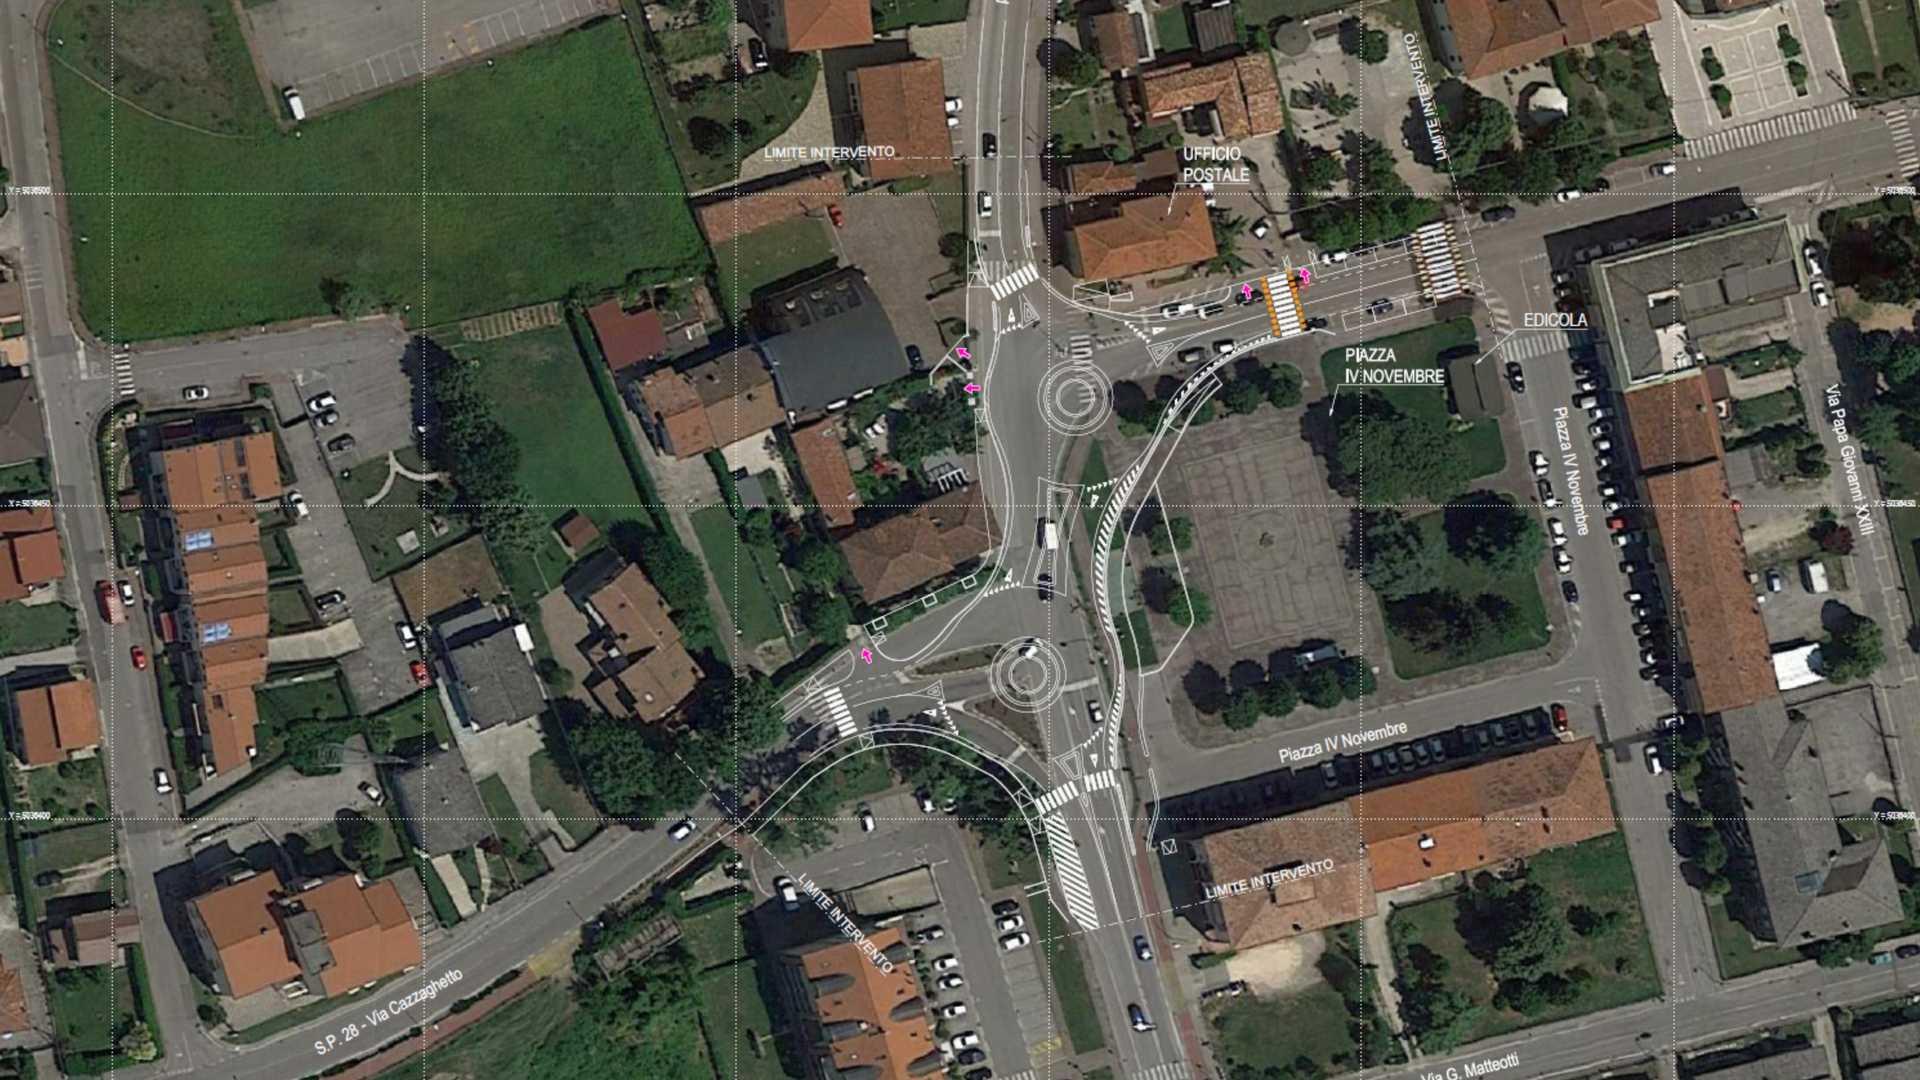 Rotatorie Cazzago_Progetto_004E-Farm ingegneria Padova